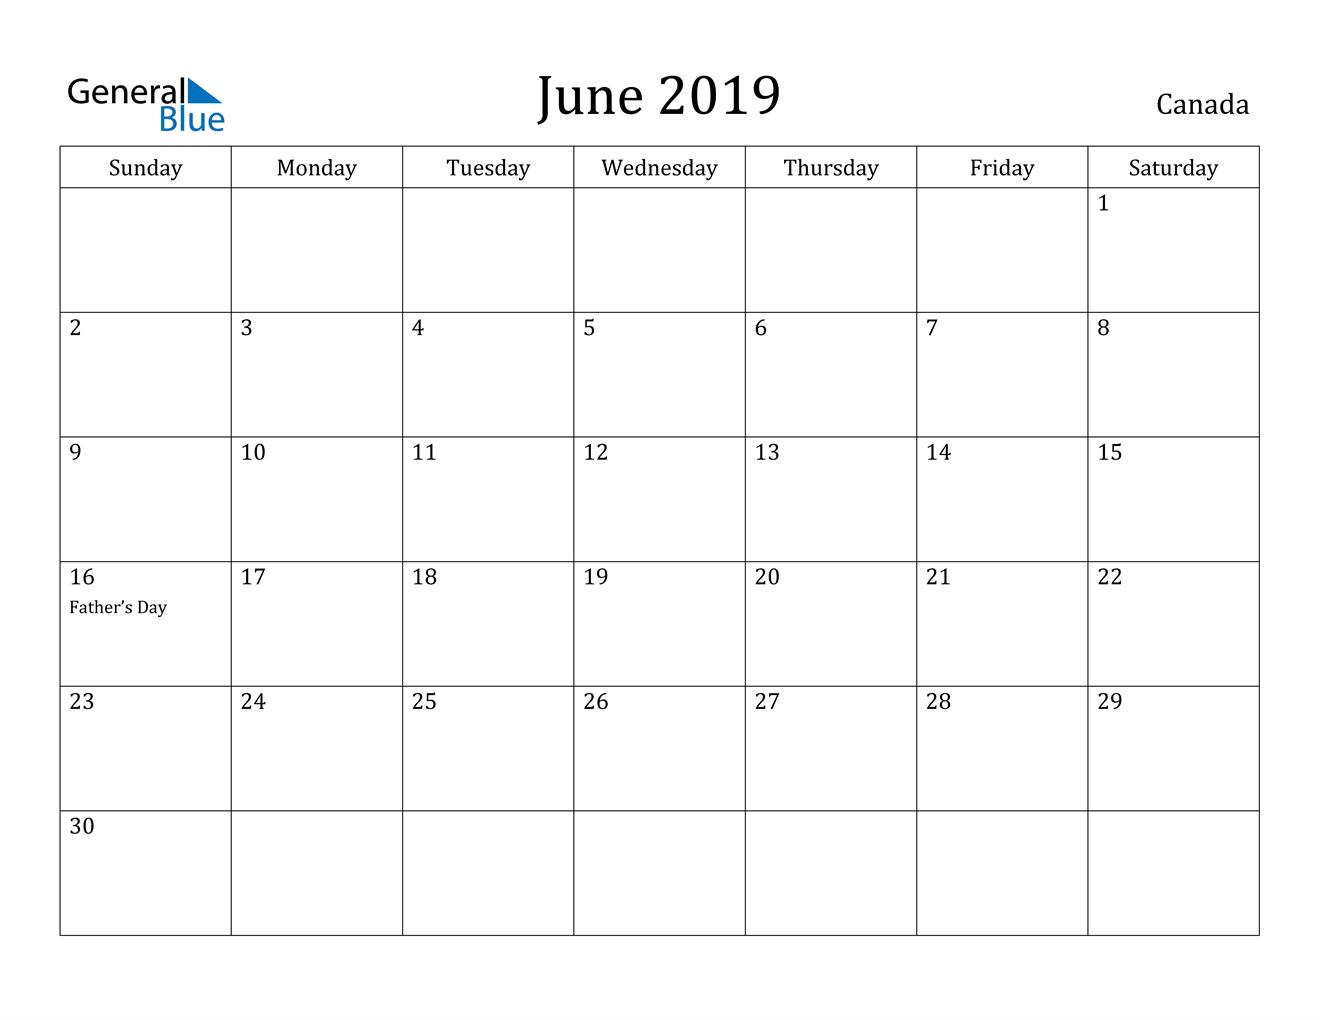 Image of June 2019 Canada Calendar with Holidays Calendar